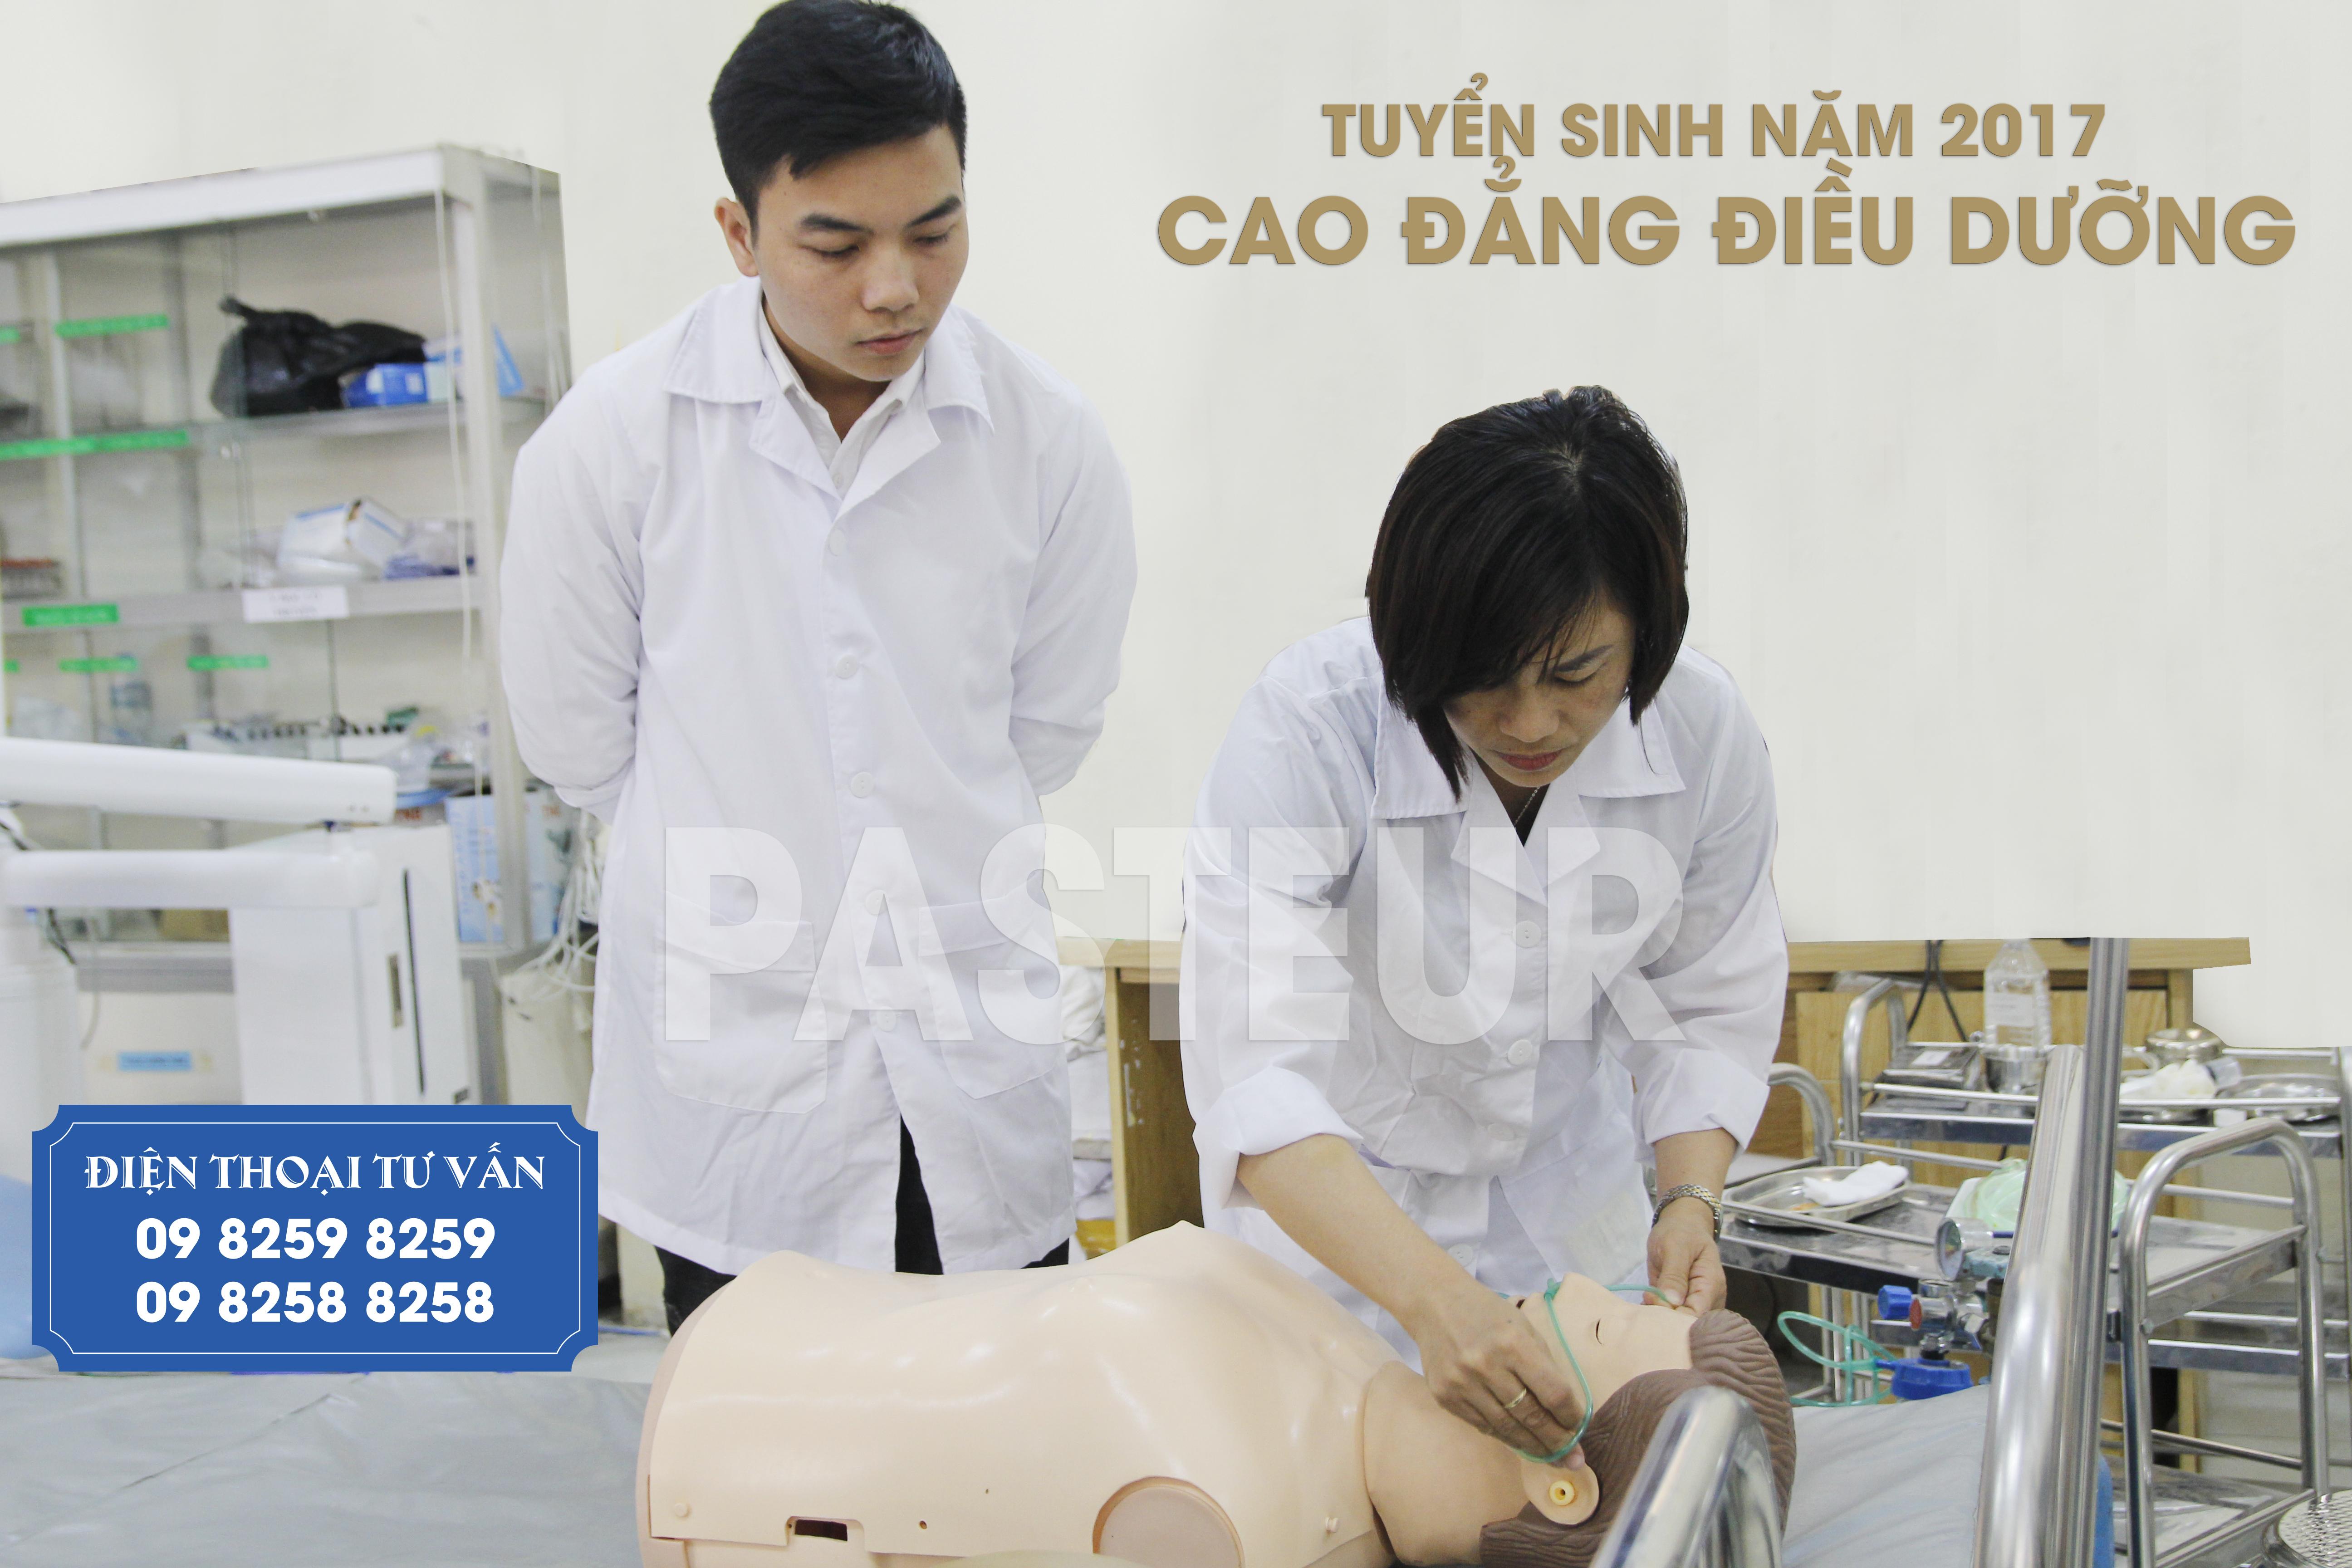 Đăng ký xét tuyển Cao đẳng Điều dưỡng tại Trường Cao đẳng Y Dược Pasteur